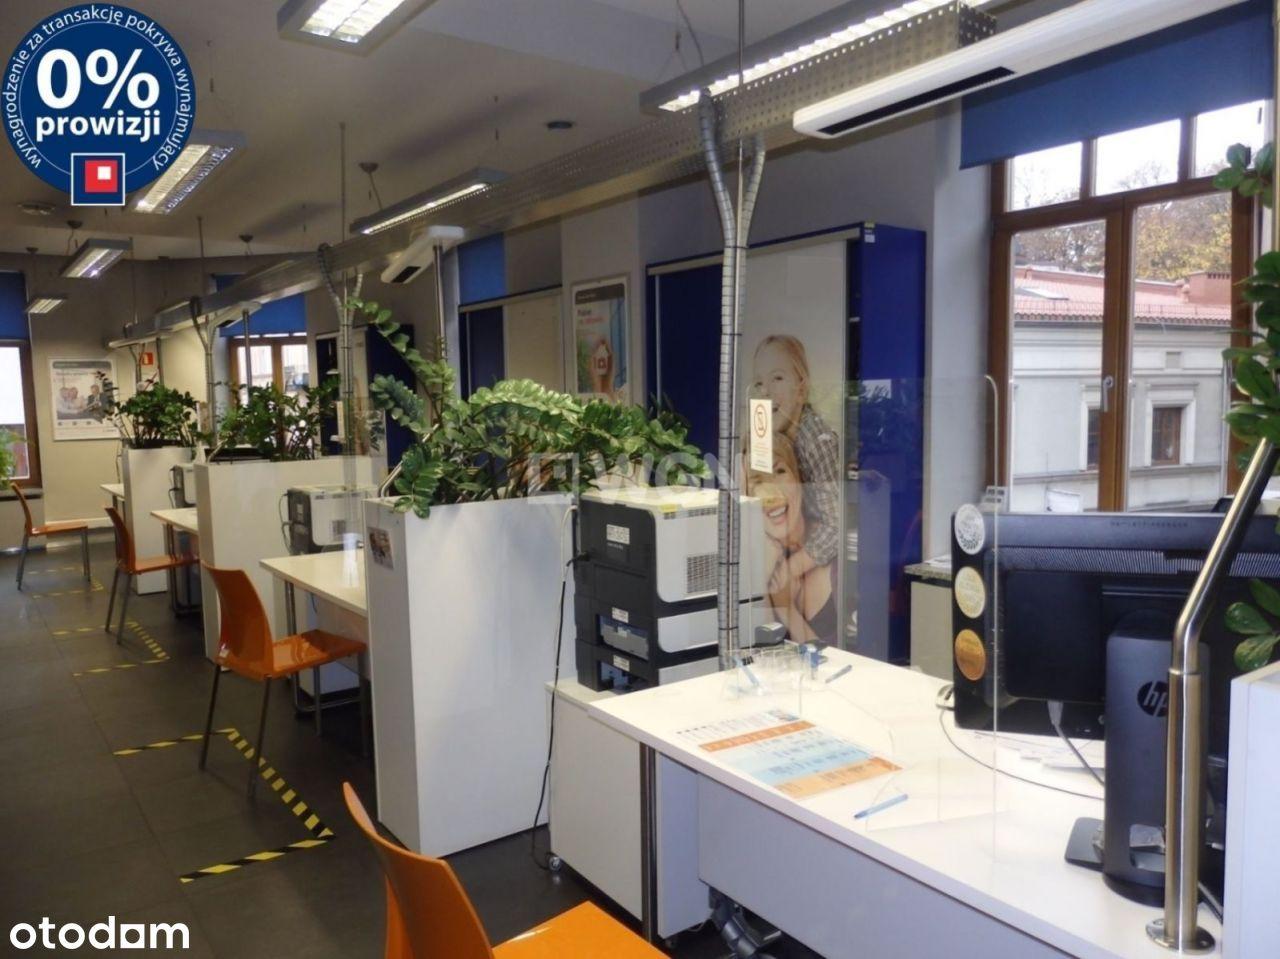 Lokal użytkowy, 105 m², Chrzanów